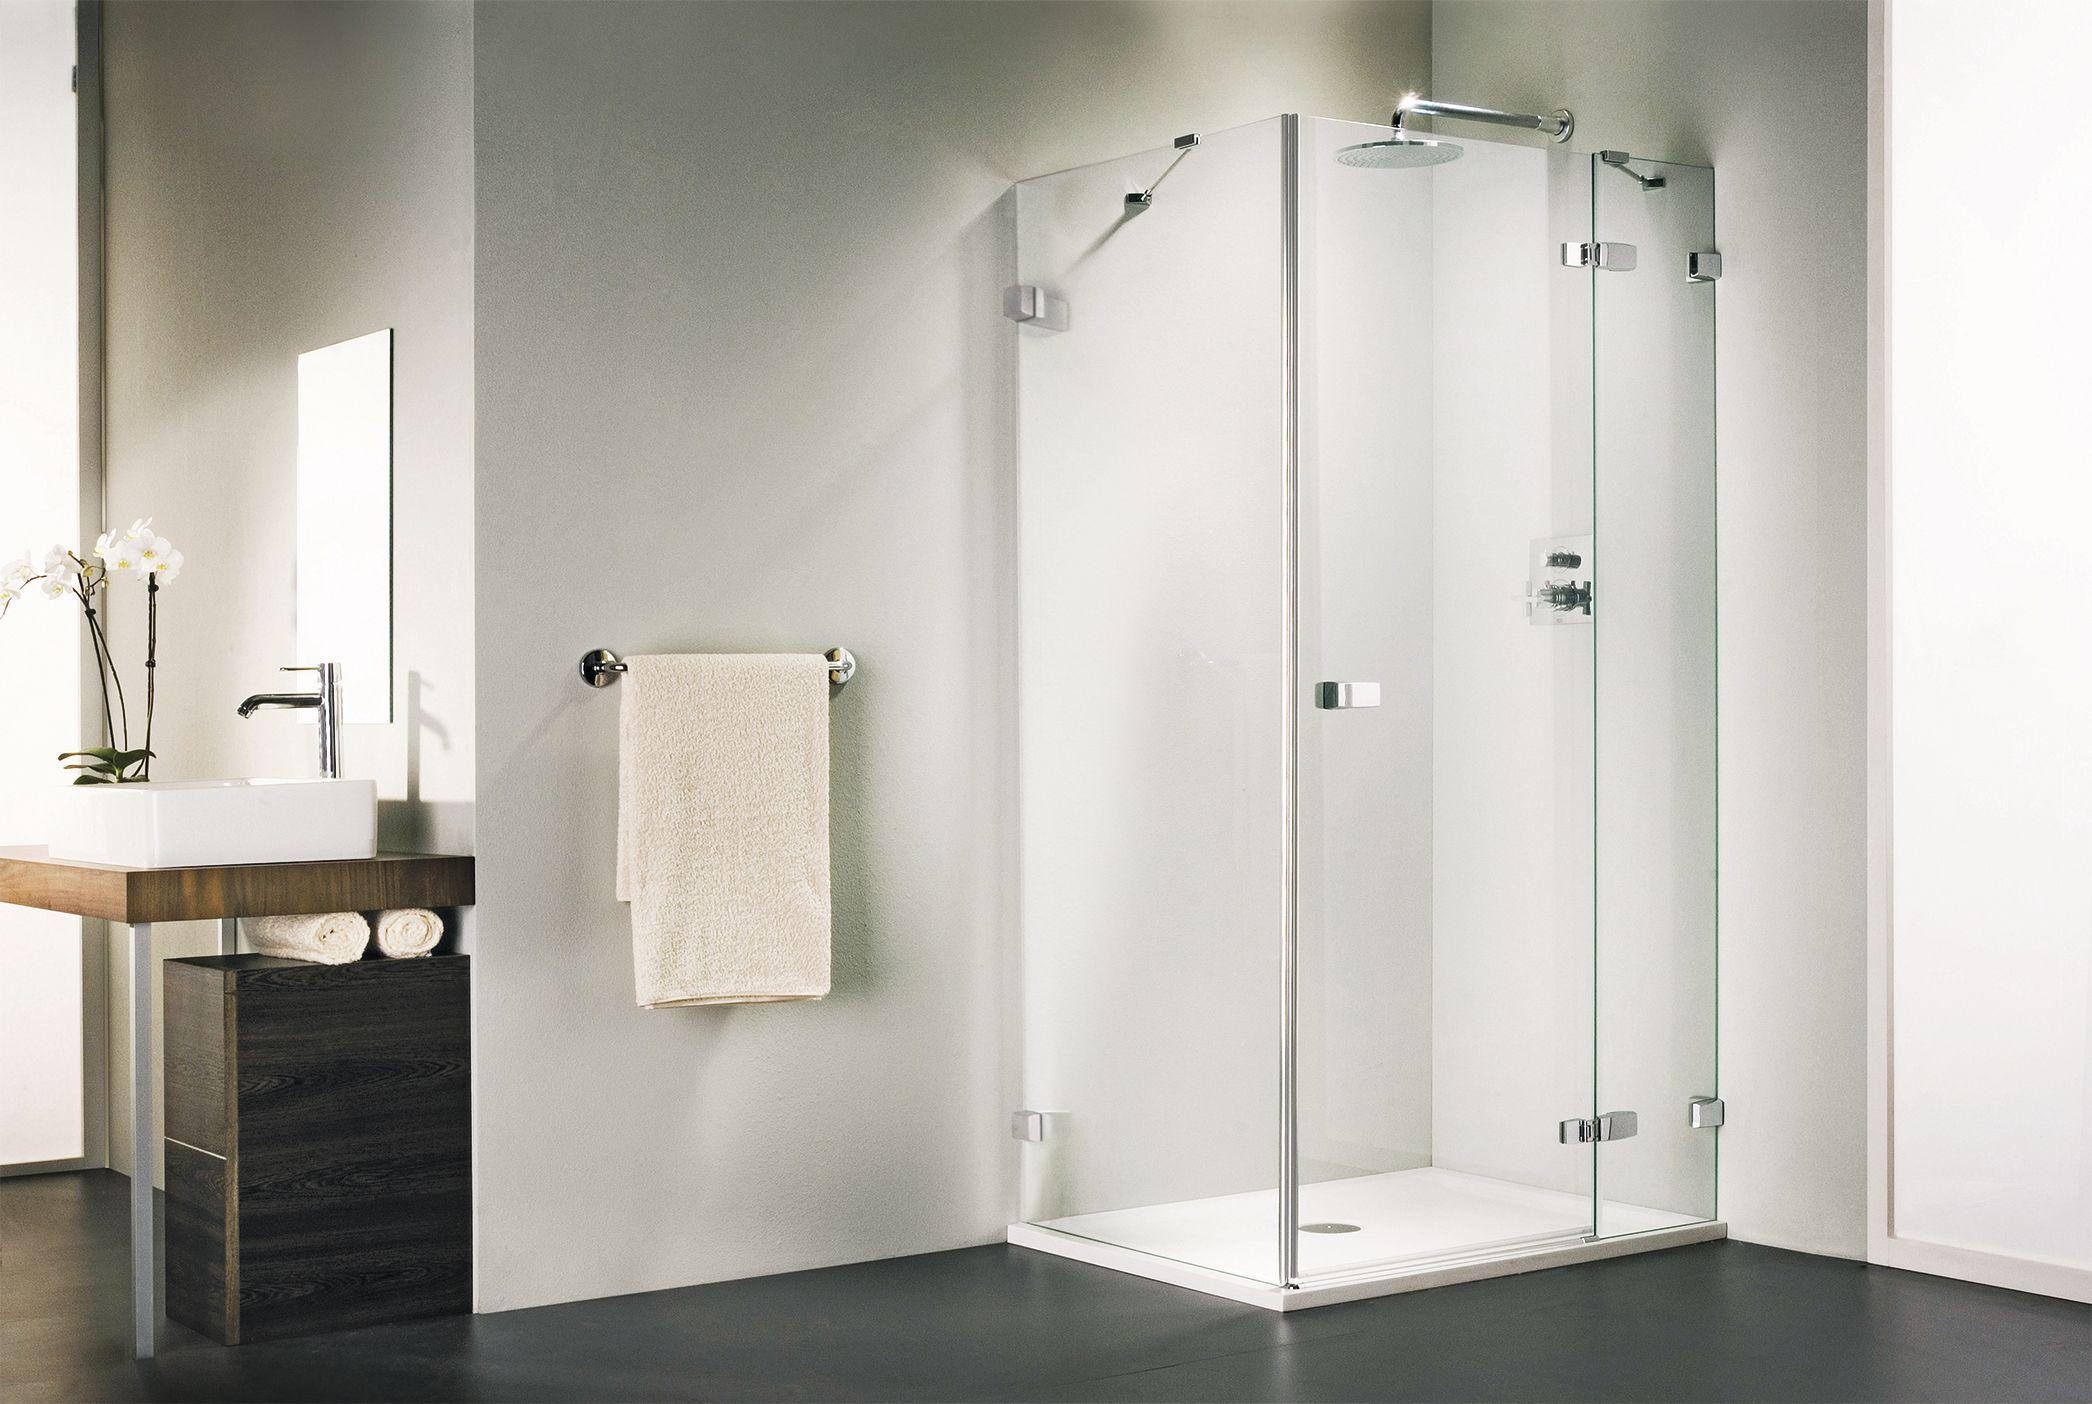 vetra 3000 Cabina doccia, Box doccia e Stanza da bagno